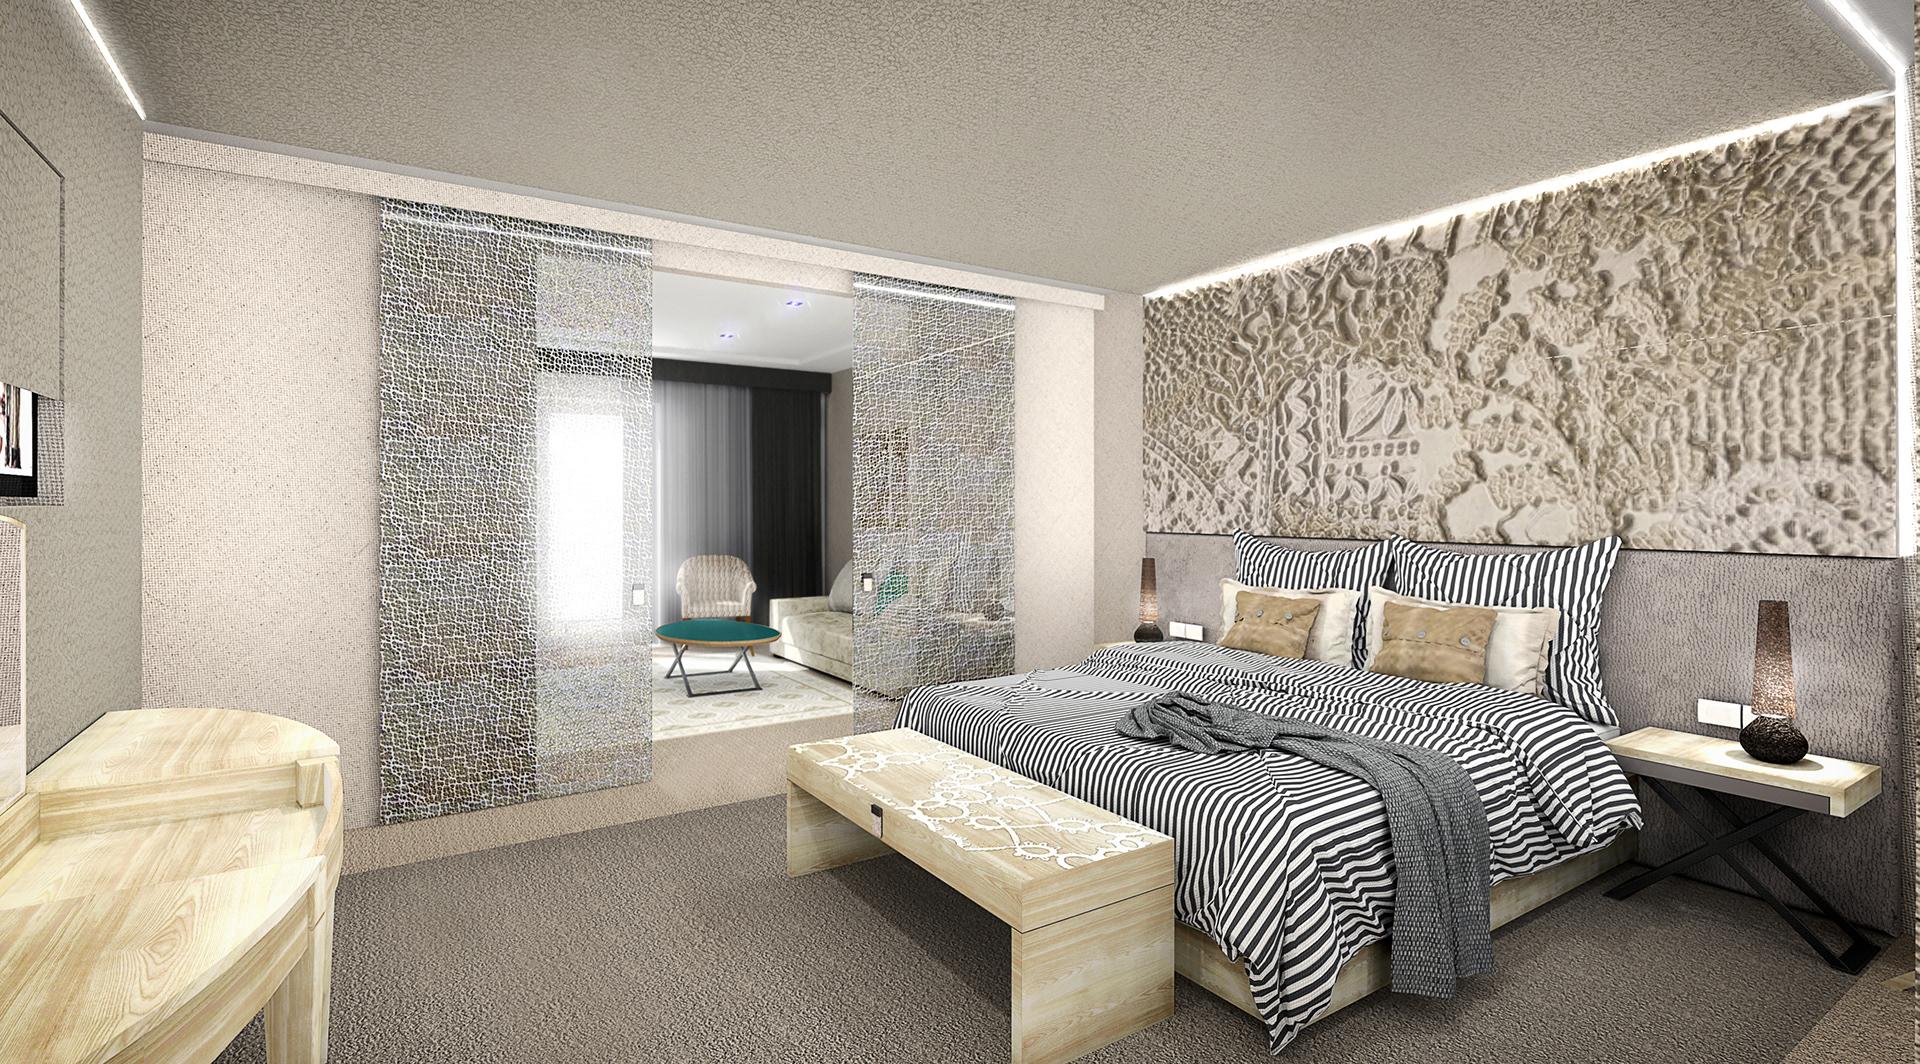 Hilton Catania Capomulini Lavoro tom russell - hotel - la perla ionica -capo mulini sicily